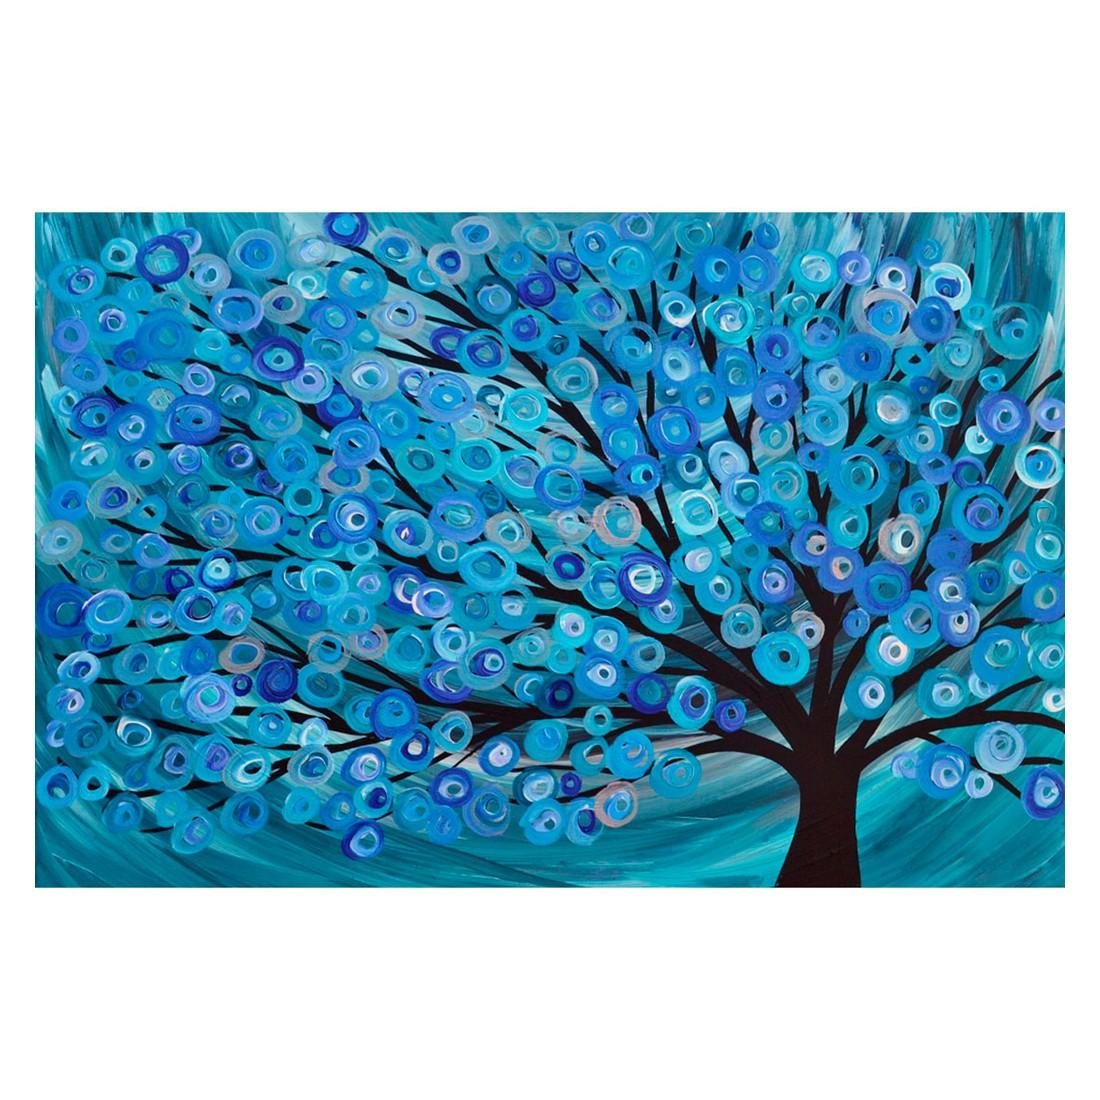 Ölgemälde Baum des Lebens – Größe 40 x 60 cm, yourPainting online bestellen